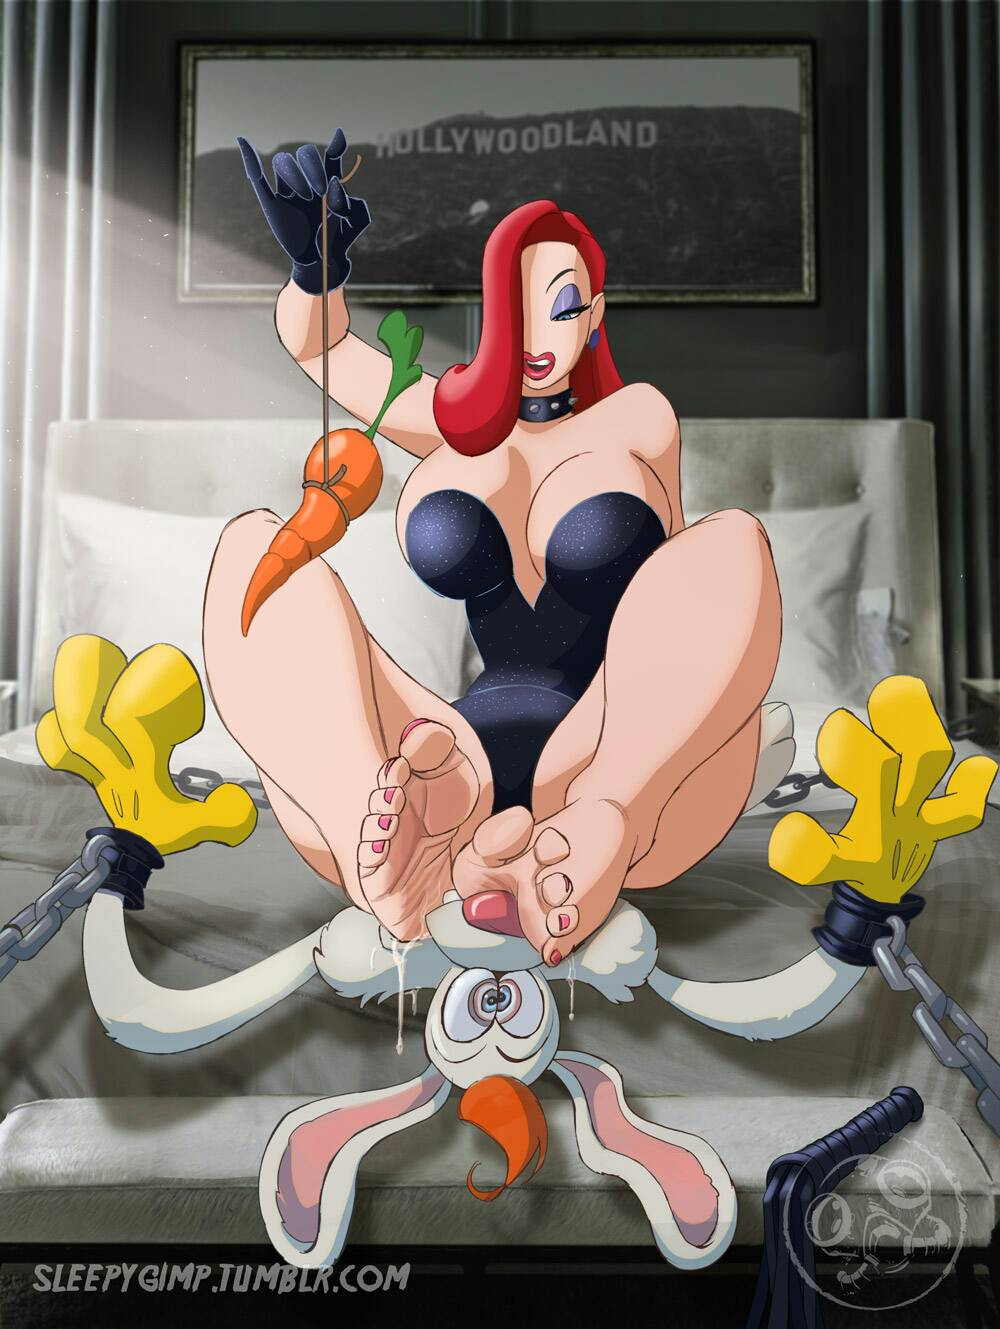 commando rabbit who framed rabbit jessica roger Sfm porn life is strange